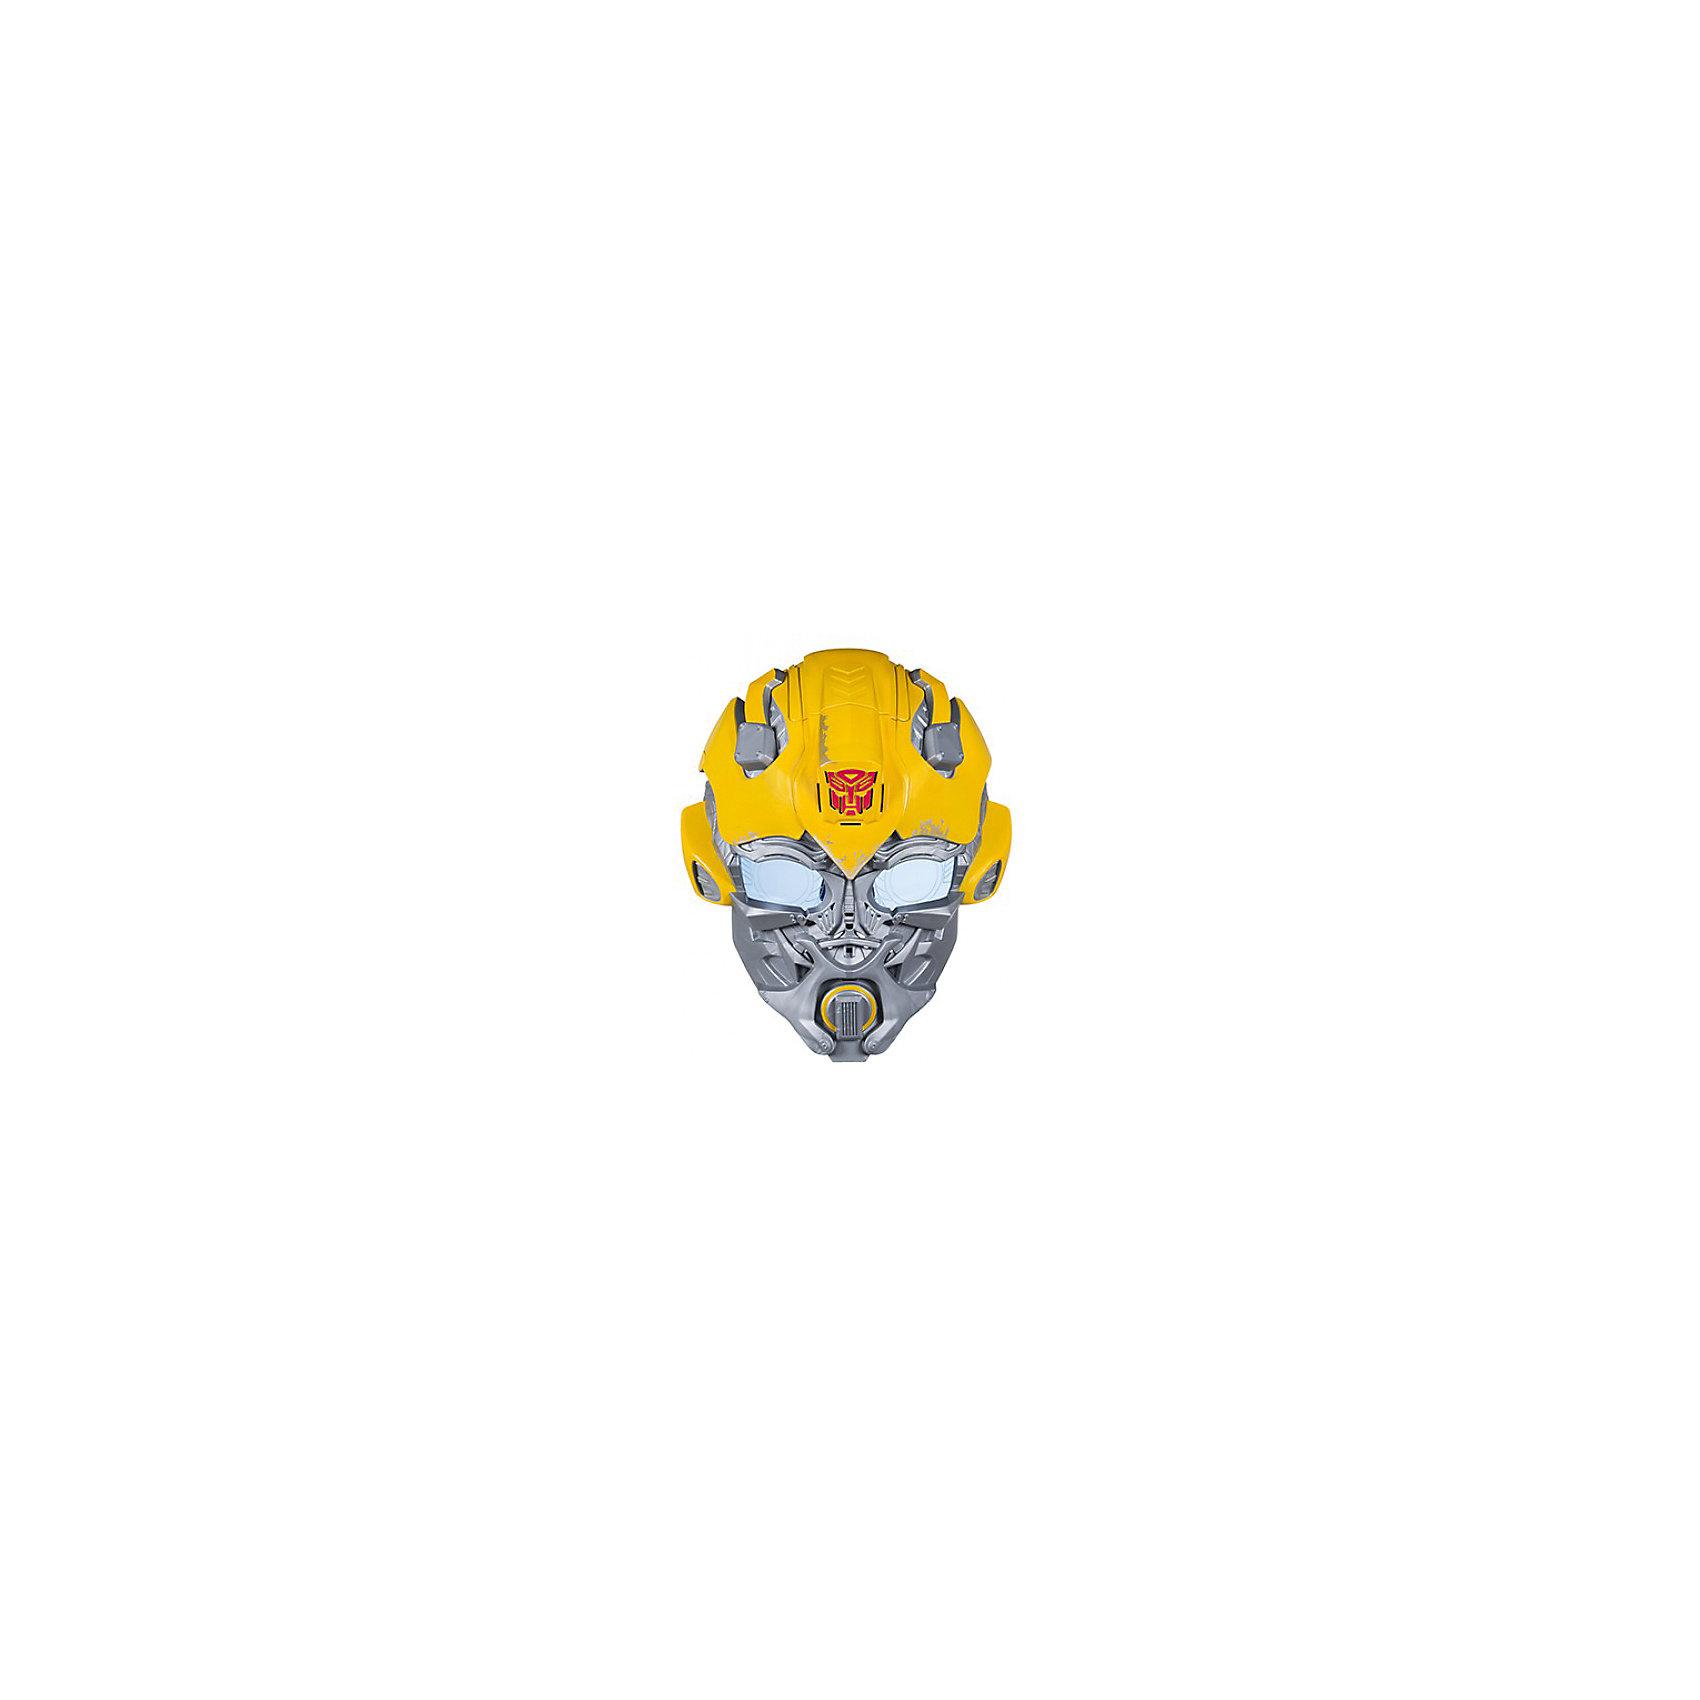 Электронная маска Hasbro Трансформеры 5, БамблбиДругие наборы<br>Характеристики товара:<br><br>• возраст: от 5 лет;<br>• материал: пластик;<br>• тип батареек: 3 батарейки ААА;<br>• наличие батареек: демонстрационные в комплекте;<br>• размер упаковки: 29,8х22,9х2,5 см;<br>• вес упаковки: 850 гр.;<br>• страна производитель: Китай.<br><br>Электронная маска Трансформеров «Бамблби» Hasbro позволит попробовать себя в роли одного из известных персонажей трансформеров. Она создана по мотивам фильма «Трансформеры: Последний рыцарь». Маска оснащена необычной функцией изменения голоса. Одевается при помощи удобного регулирующегося ремешка.<br><br>Электронную маску Трансформеров «Бамблби» Hasbro можно приобрести в нашем интернет-магазине.<br><br>Ширина мм: 9999<br>Глубина мм: 9999<br>Высота мм: 9999<br>Вес г: 9999<br>Возраст от месяцев: 60<br>Возраст до месяцев: 120<br>Пол: Мужской<br>Возраст: Детский<br>SKU: 7097970